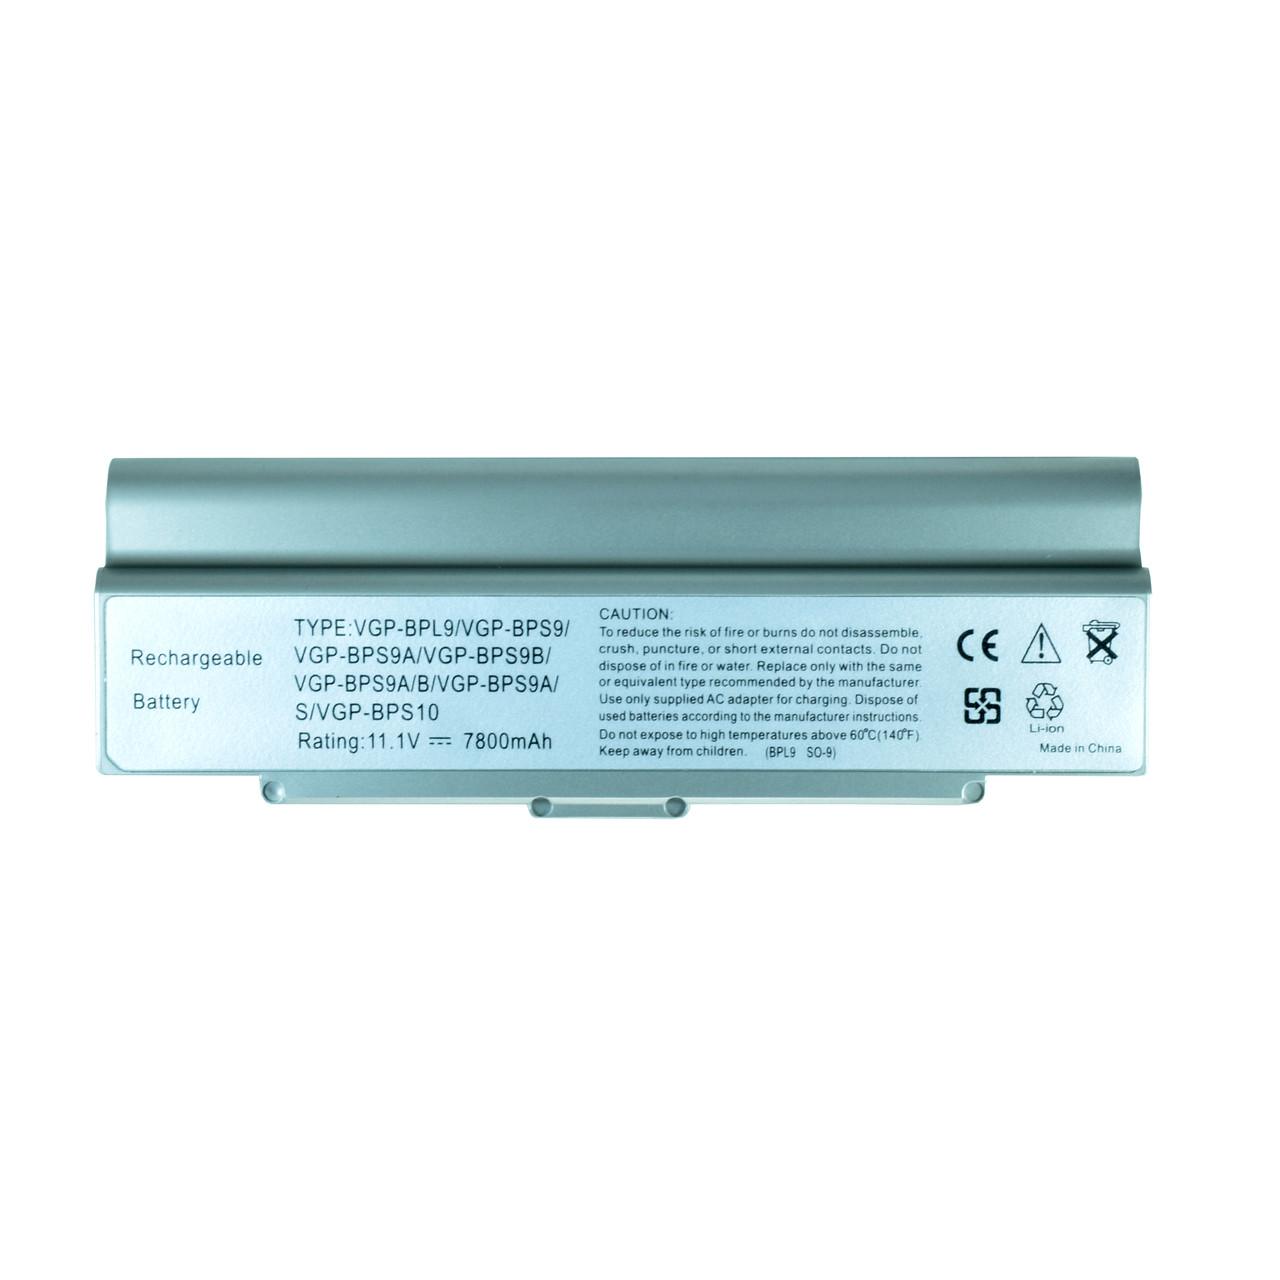 Батарея для ноутбука SONY GP-BPS9 VGP-BPS9A VGP-BPS9A/B VGP-BPS10 VGP-BPL9 VGP-BPL9C